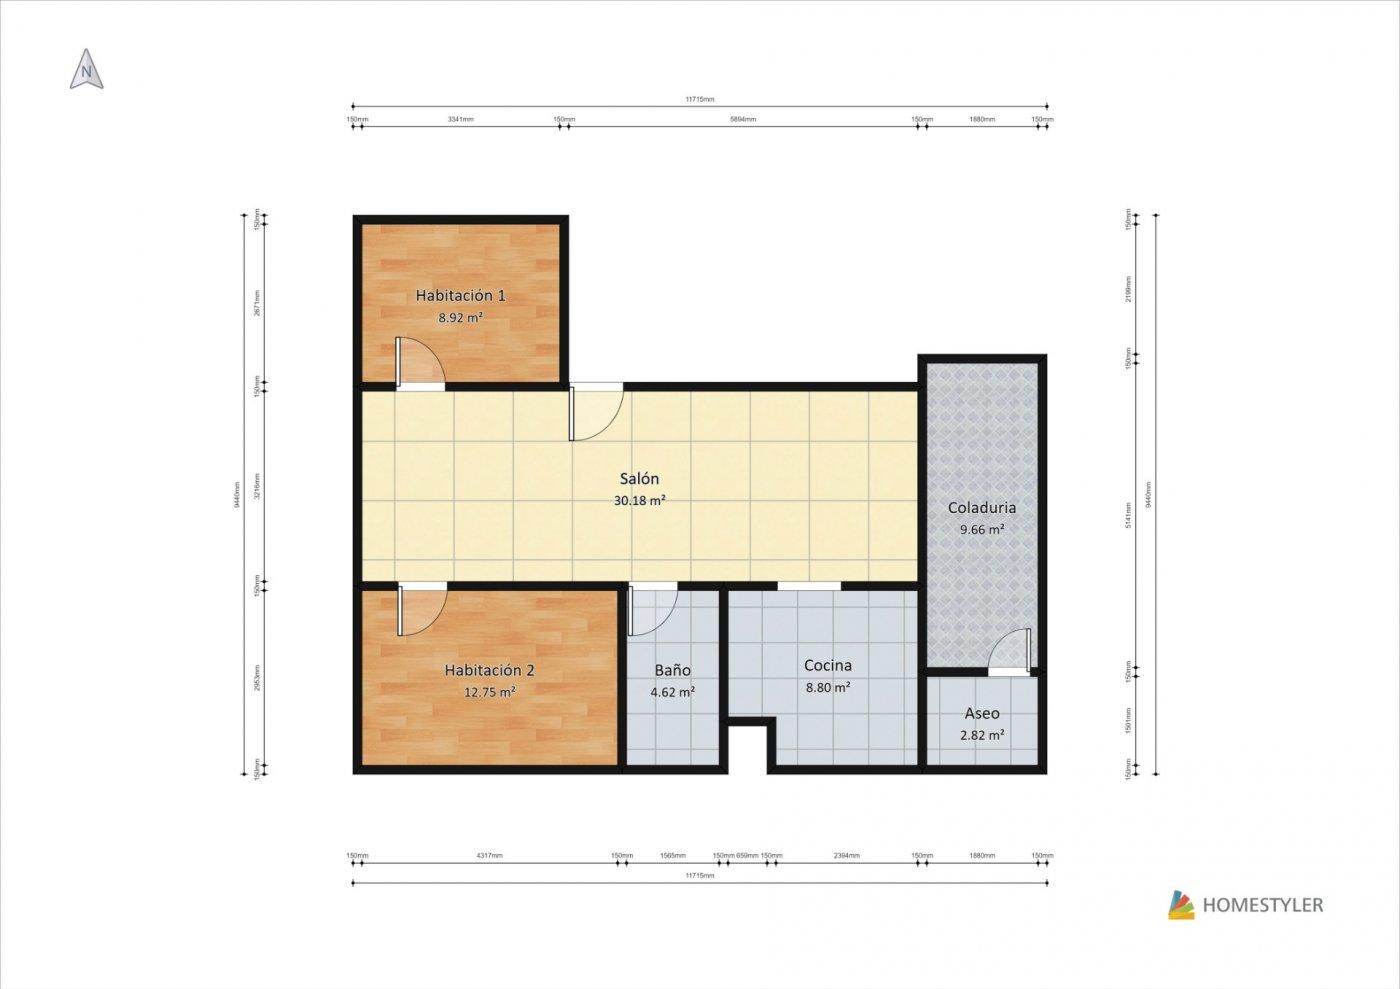 Bonito piso en centro de palma - imagenInmueble24